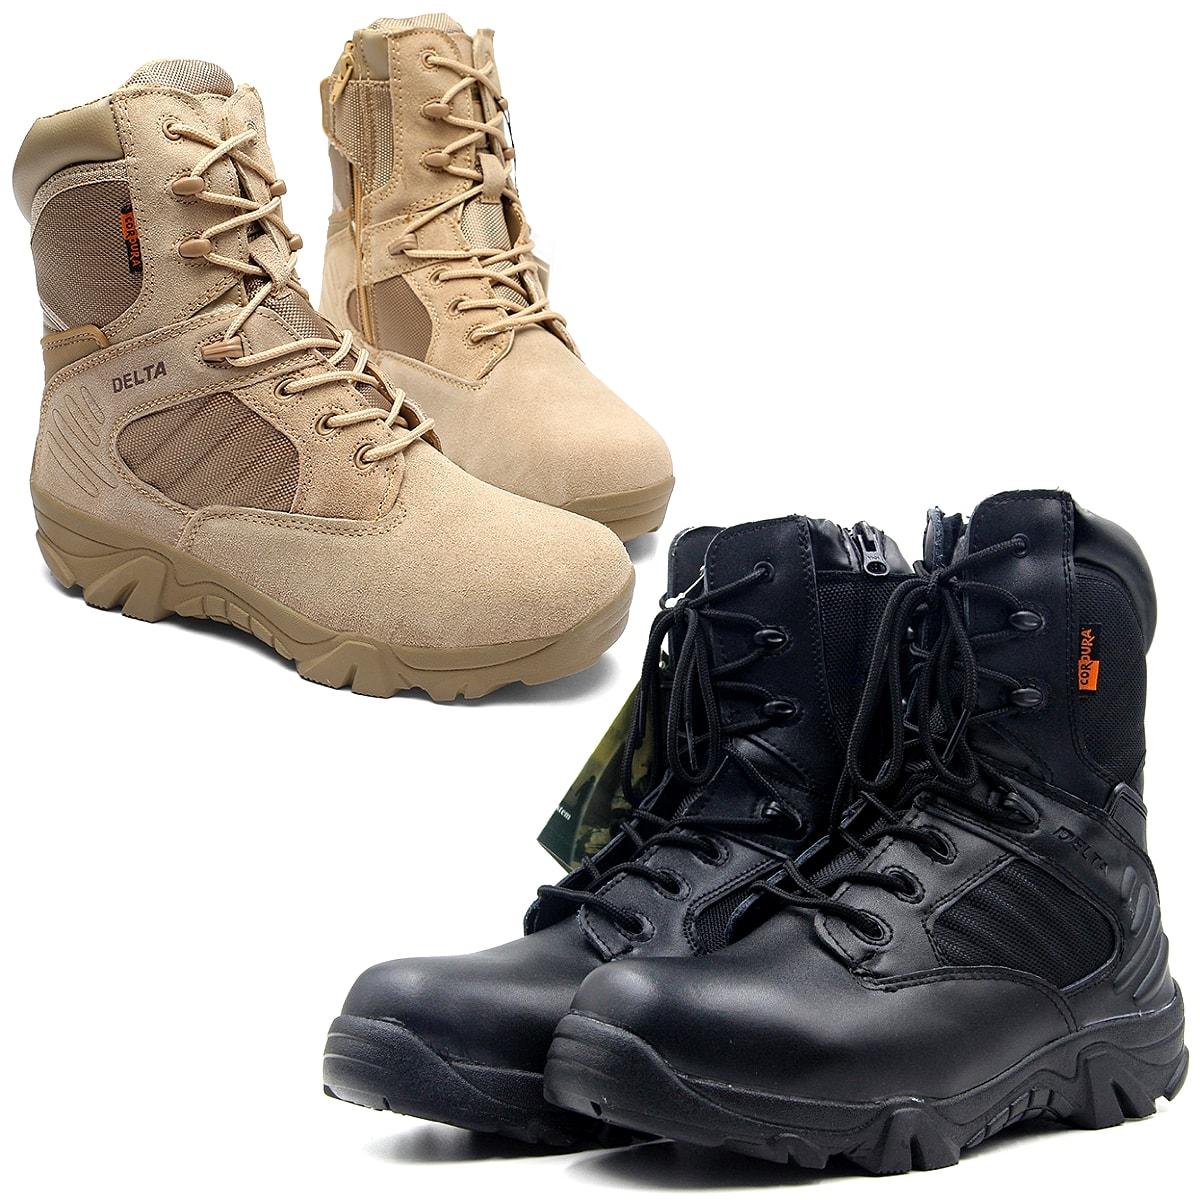 【送料無料!】全2色! [Men's High Top Military Boots] メンズ ハイトップミリタリーブーツ! 靴 シューズ スニーカー マウンテンブーツ アーミー コンバット ミドルブーツ ブラック ベージュ レースアップ ジッパー開閉 牛革スエード アウトドア バイクに!